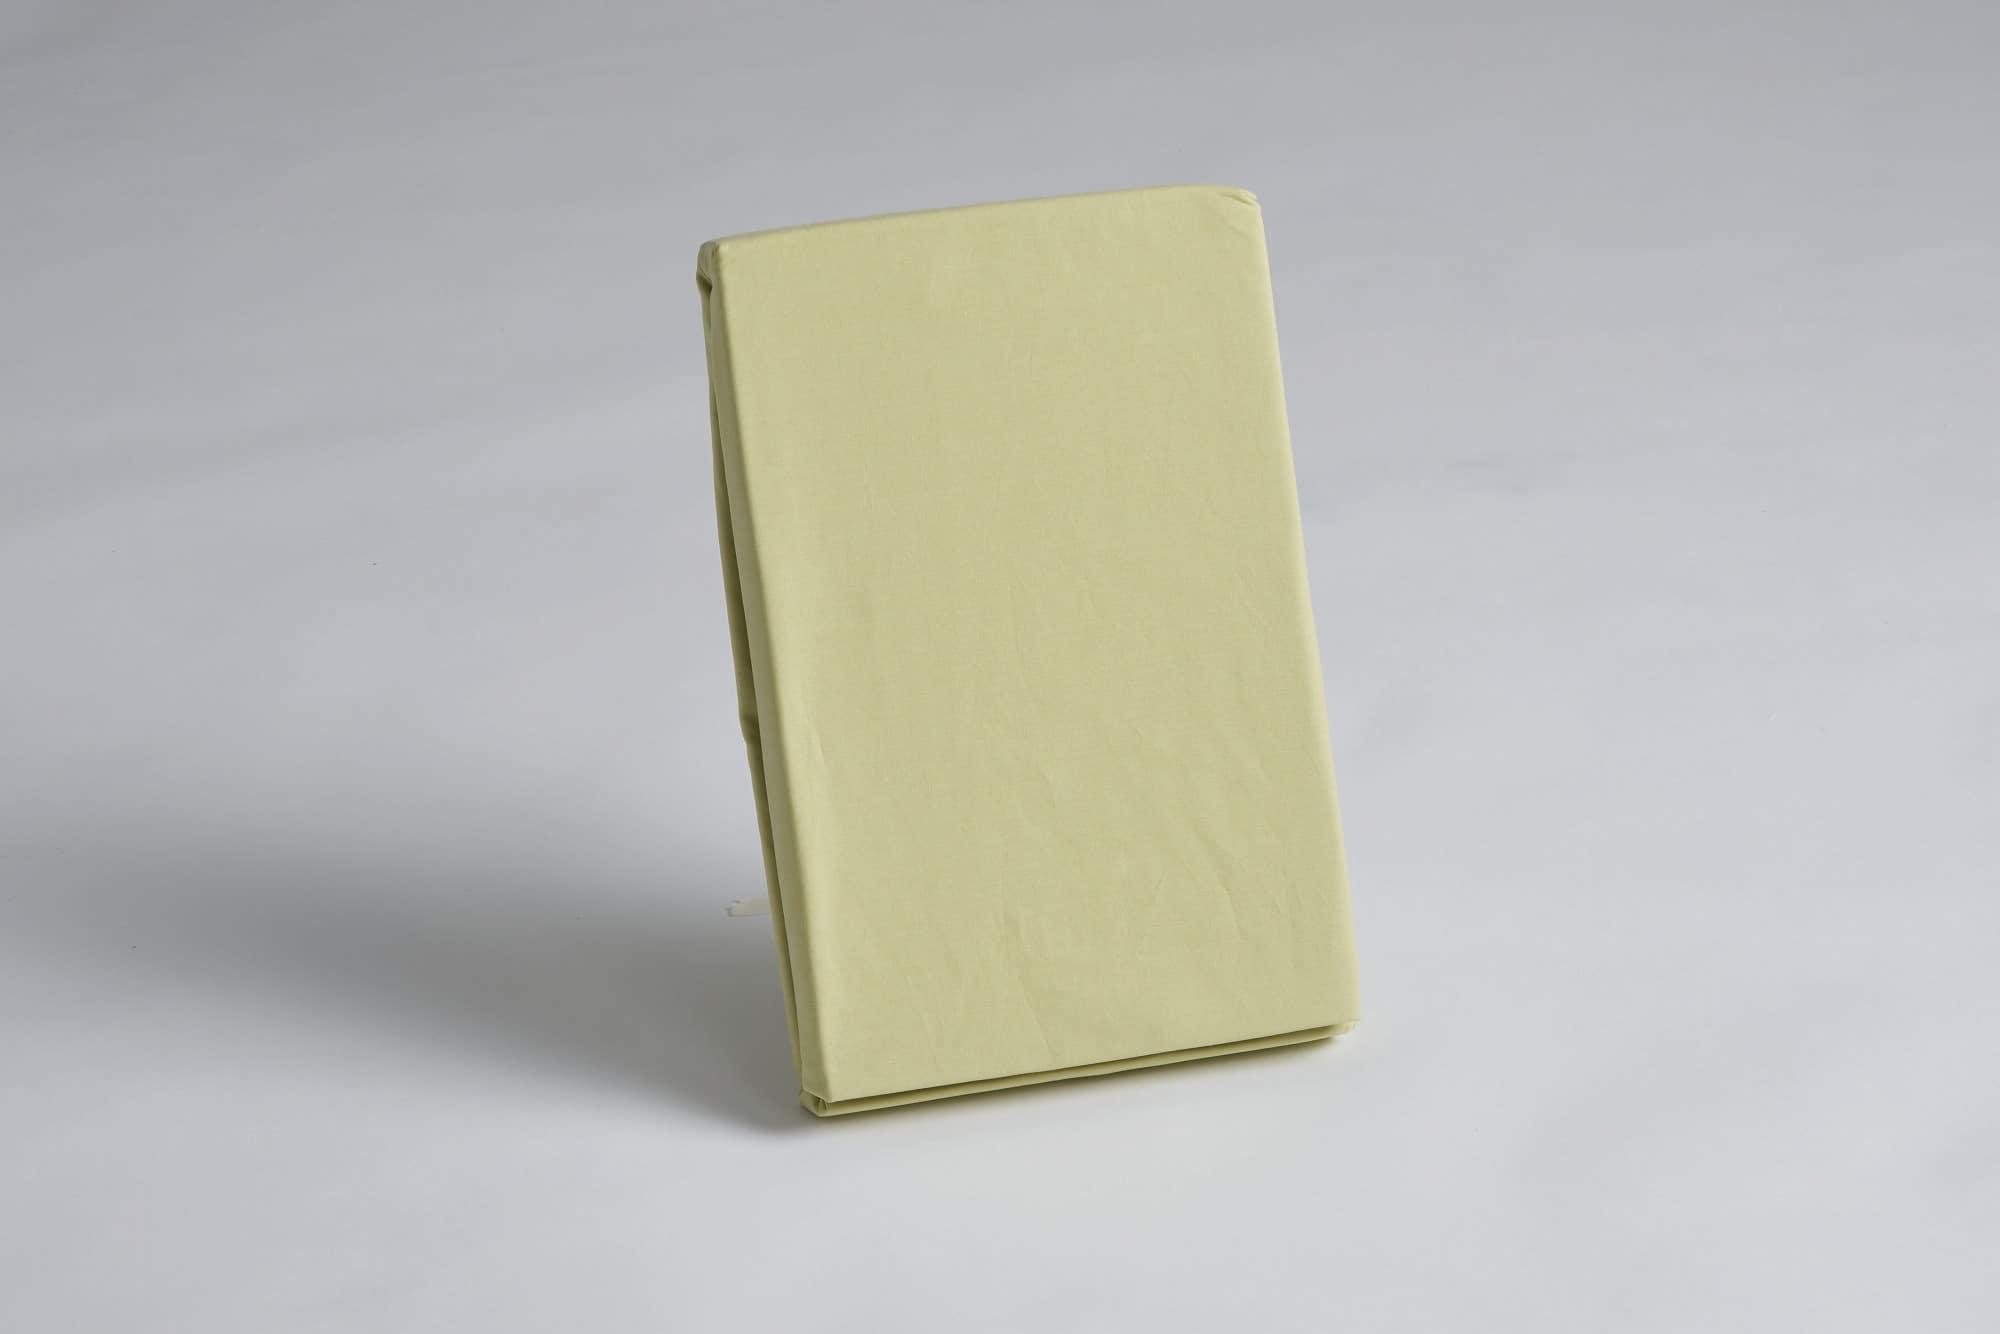 ボックスシーツ キング2用 36H グリーン:《綿100%を使用したボックスシーツ》